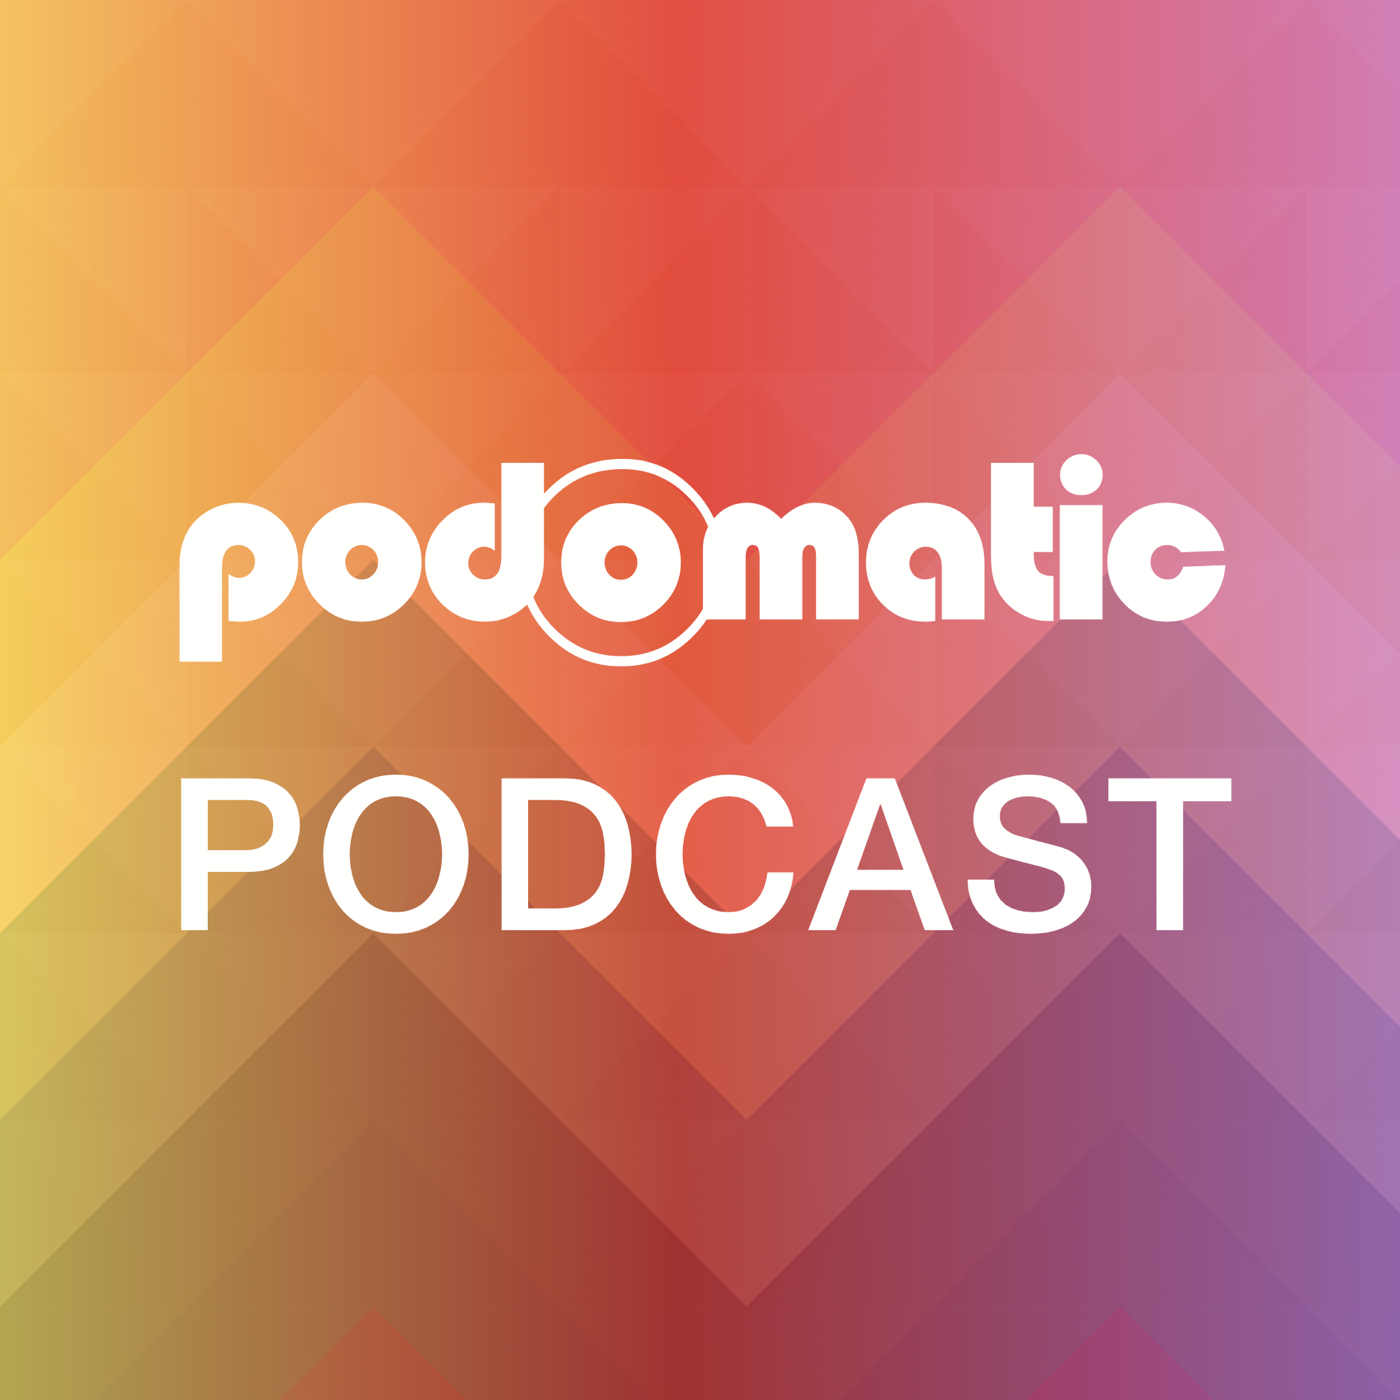 ali zalam's Podcast